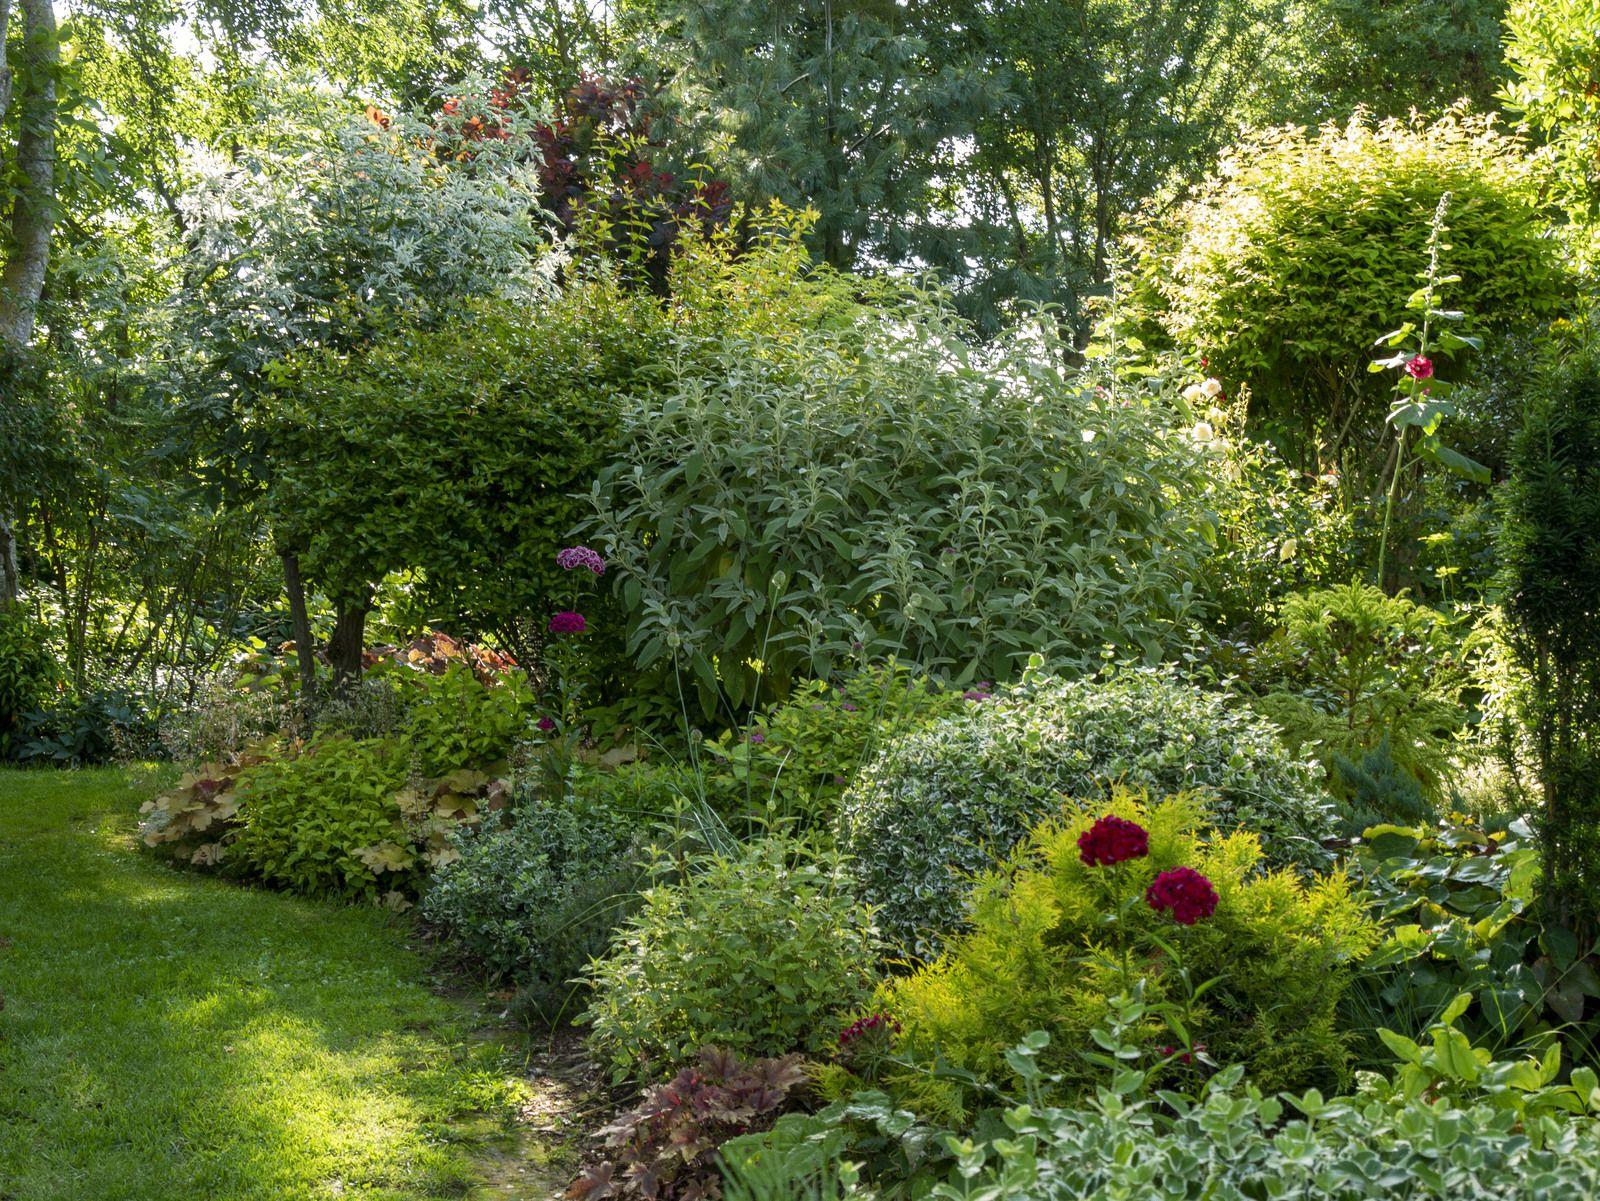 Les dépressions s'enchaînent et le jardin se déchaîne